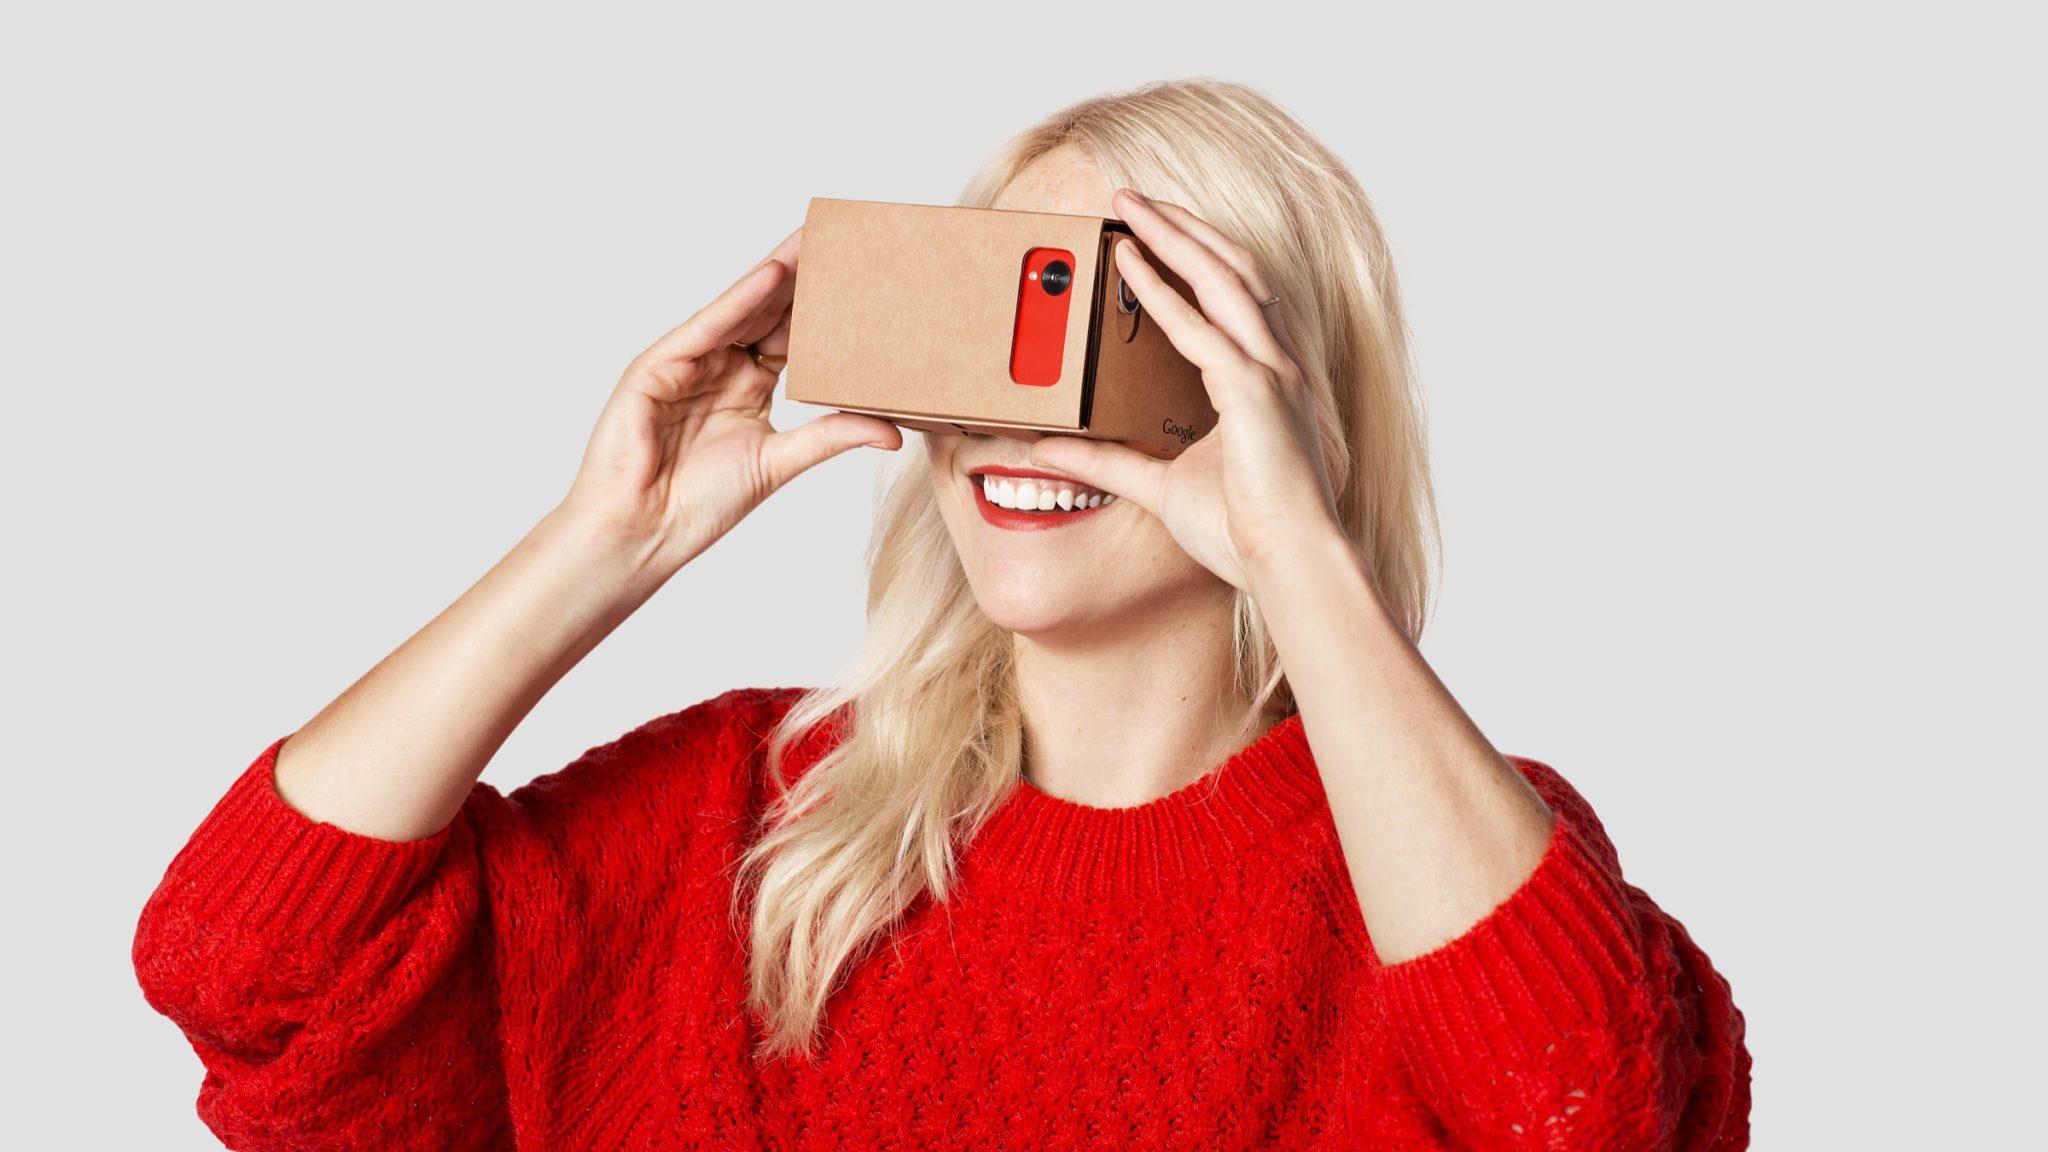 Visionneuse Cardboard de réalité virtuelle offert par Paris Match